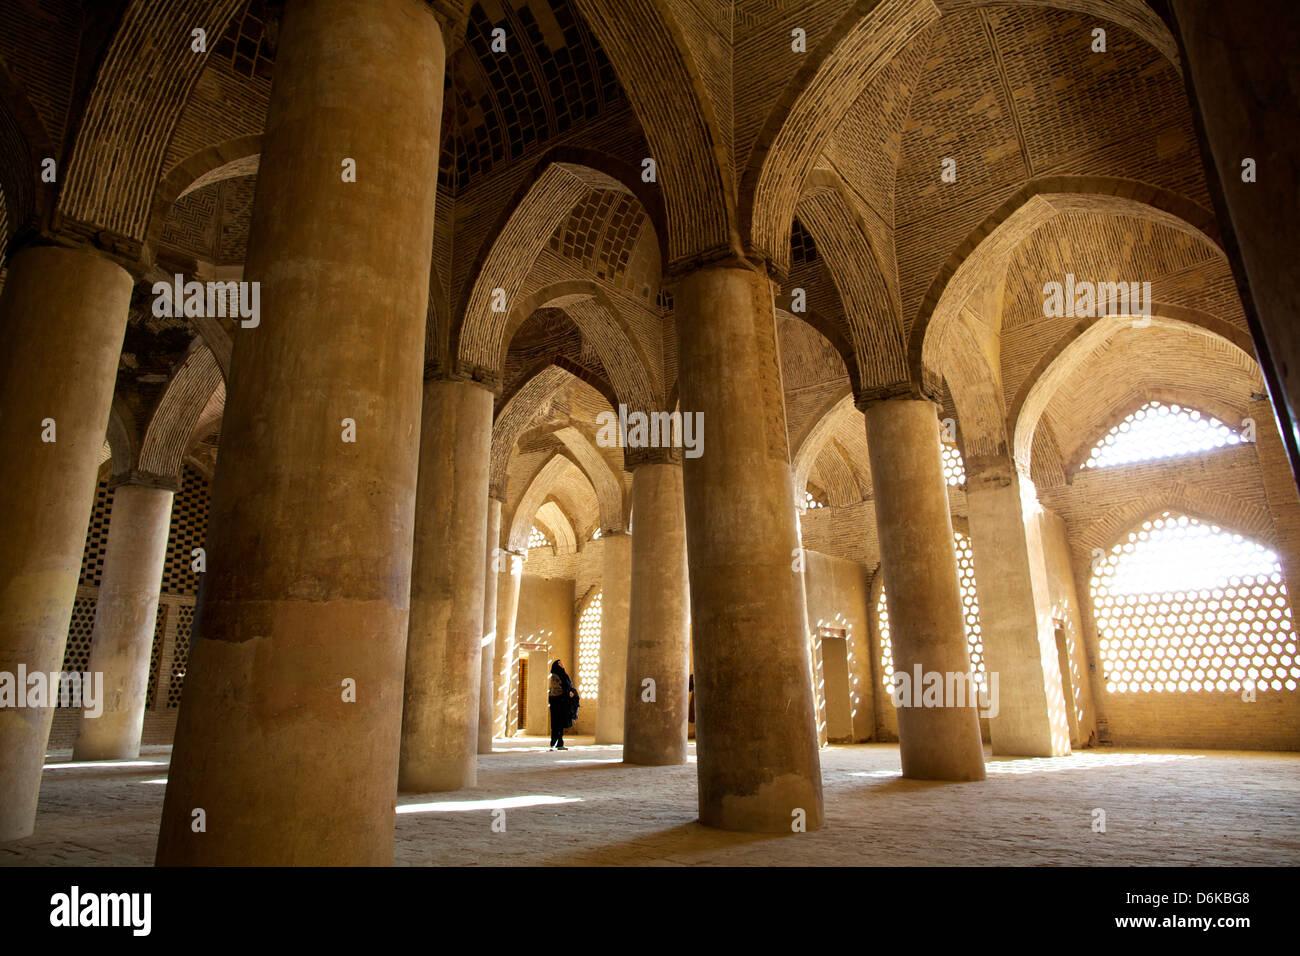 En la gran sala de columnas de la Gran Mezquita, Isfahan, Irán, Oriente Medio Imagen De Stock